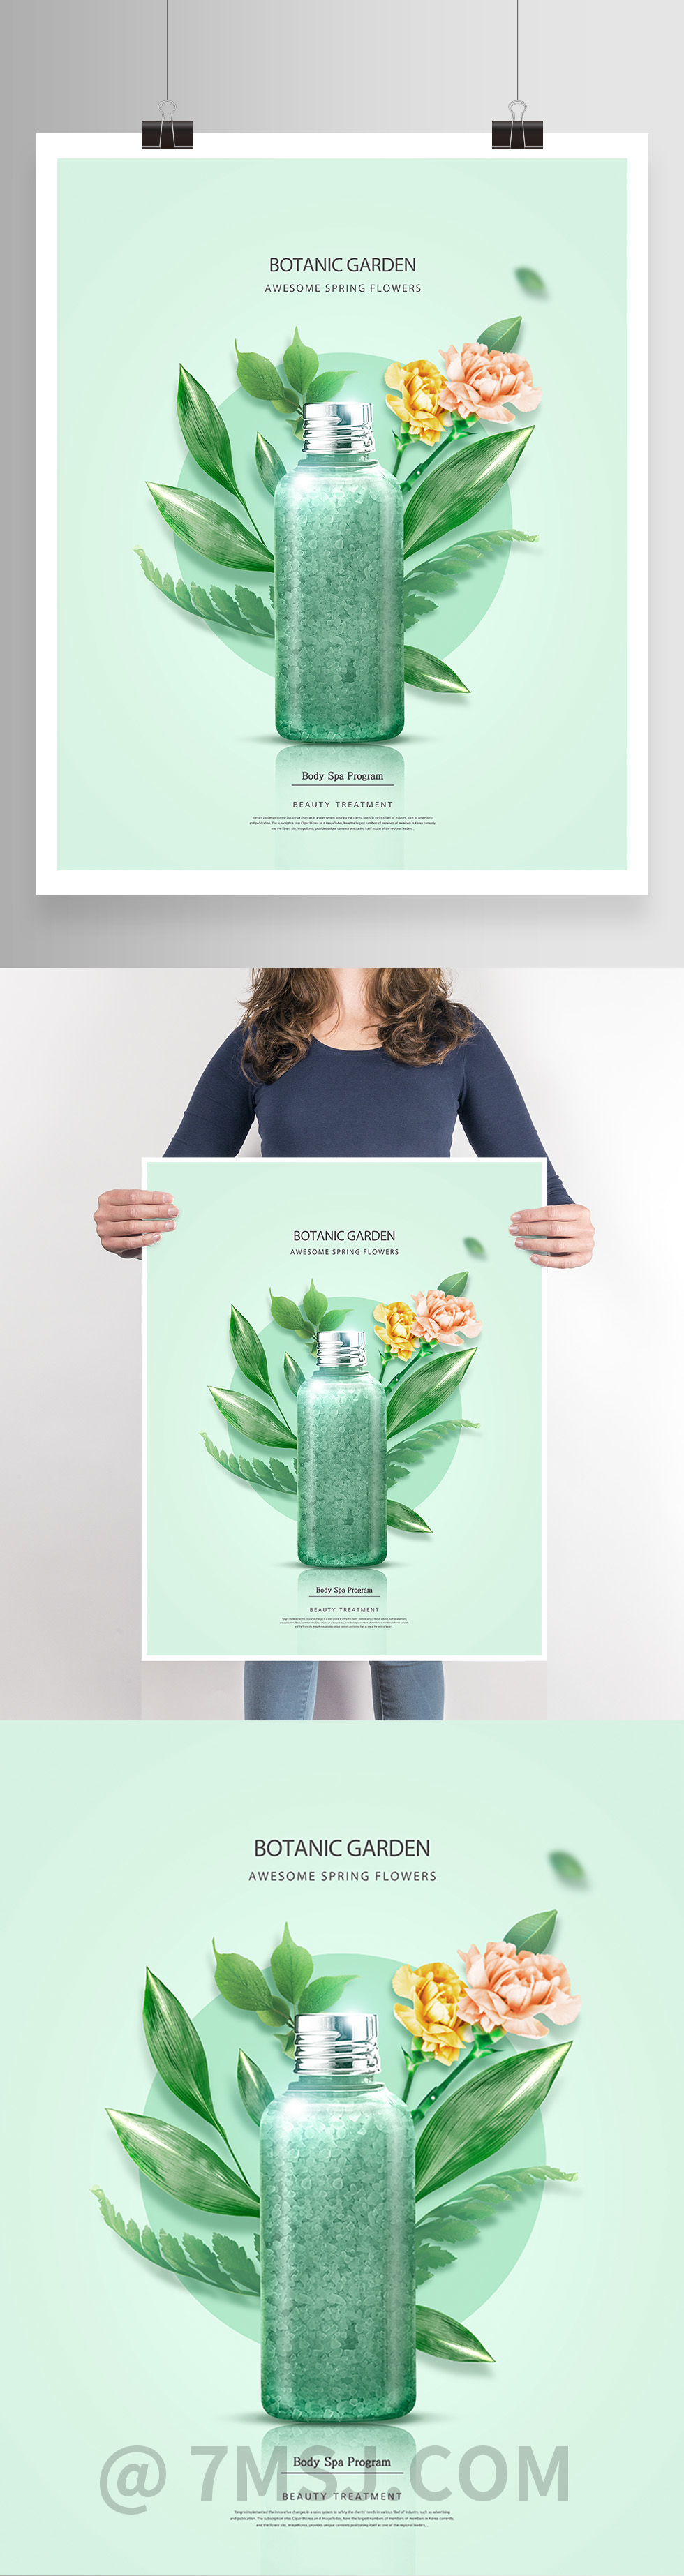 简约时尚小清新美容护肤养生酵素海报